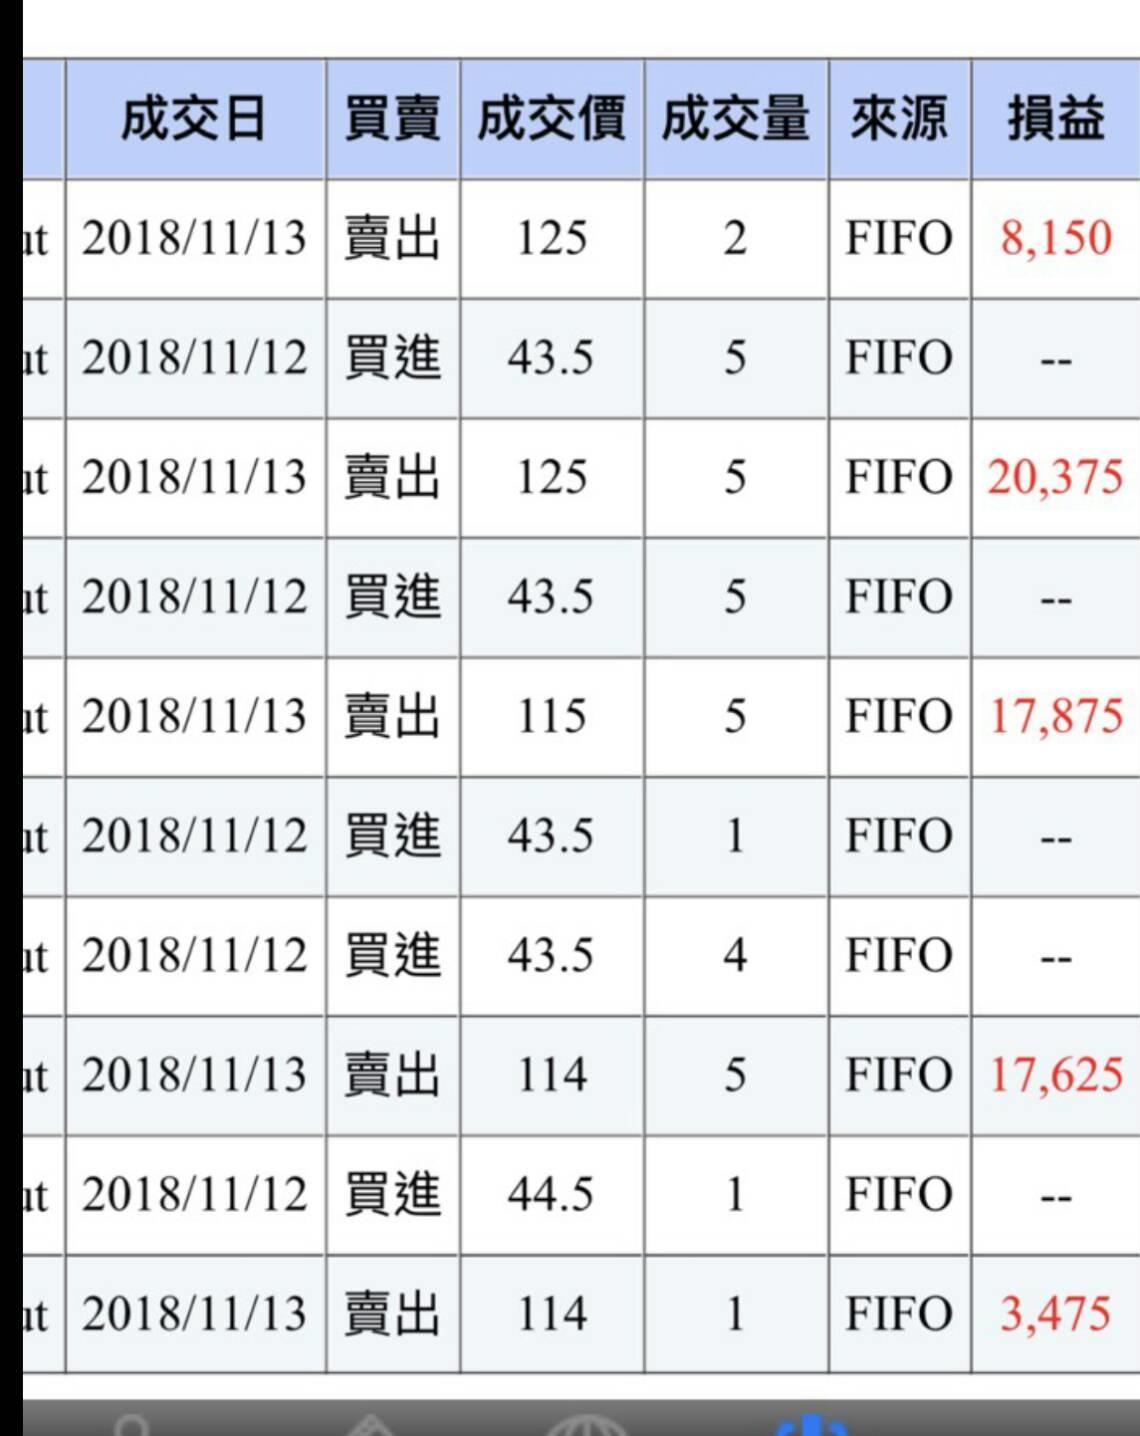 12月份是大發財的機會_90